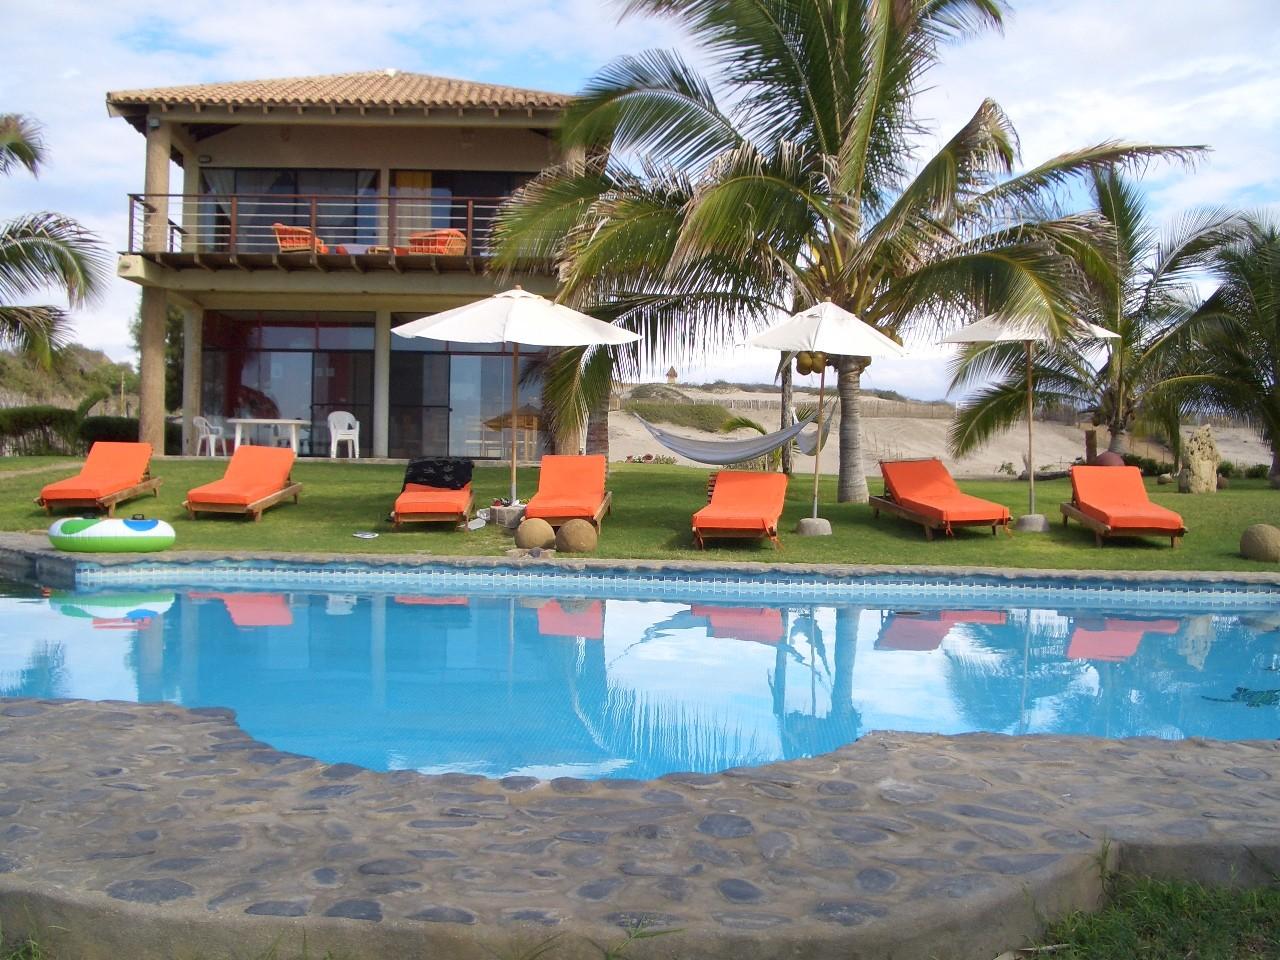 Mancora peru alquiler de casas de playa en vichayito for Parrillas para casa de playa